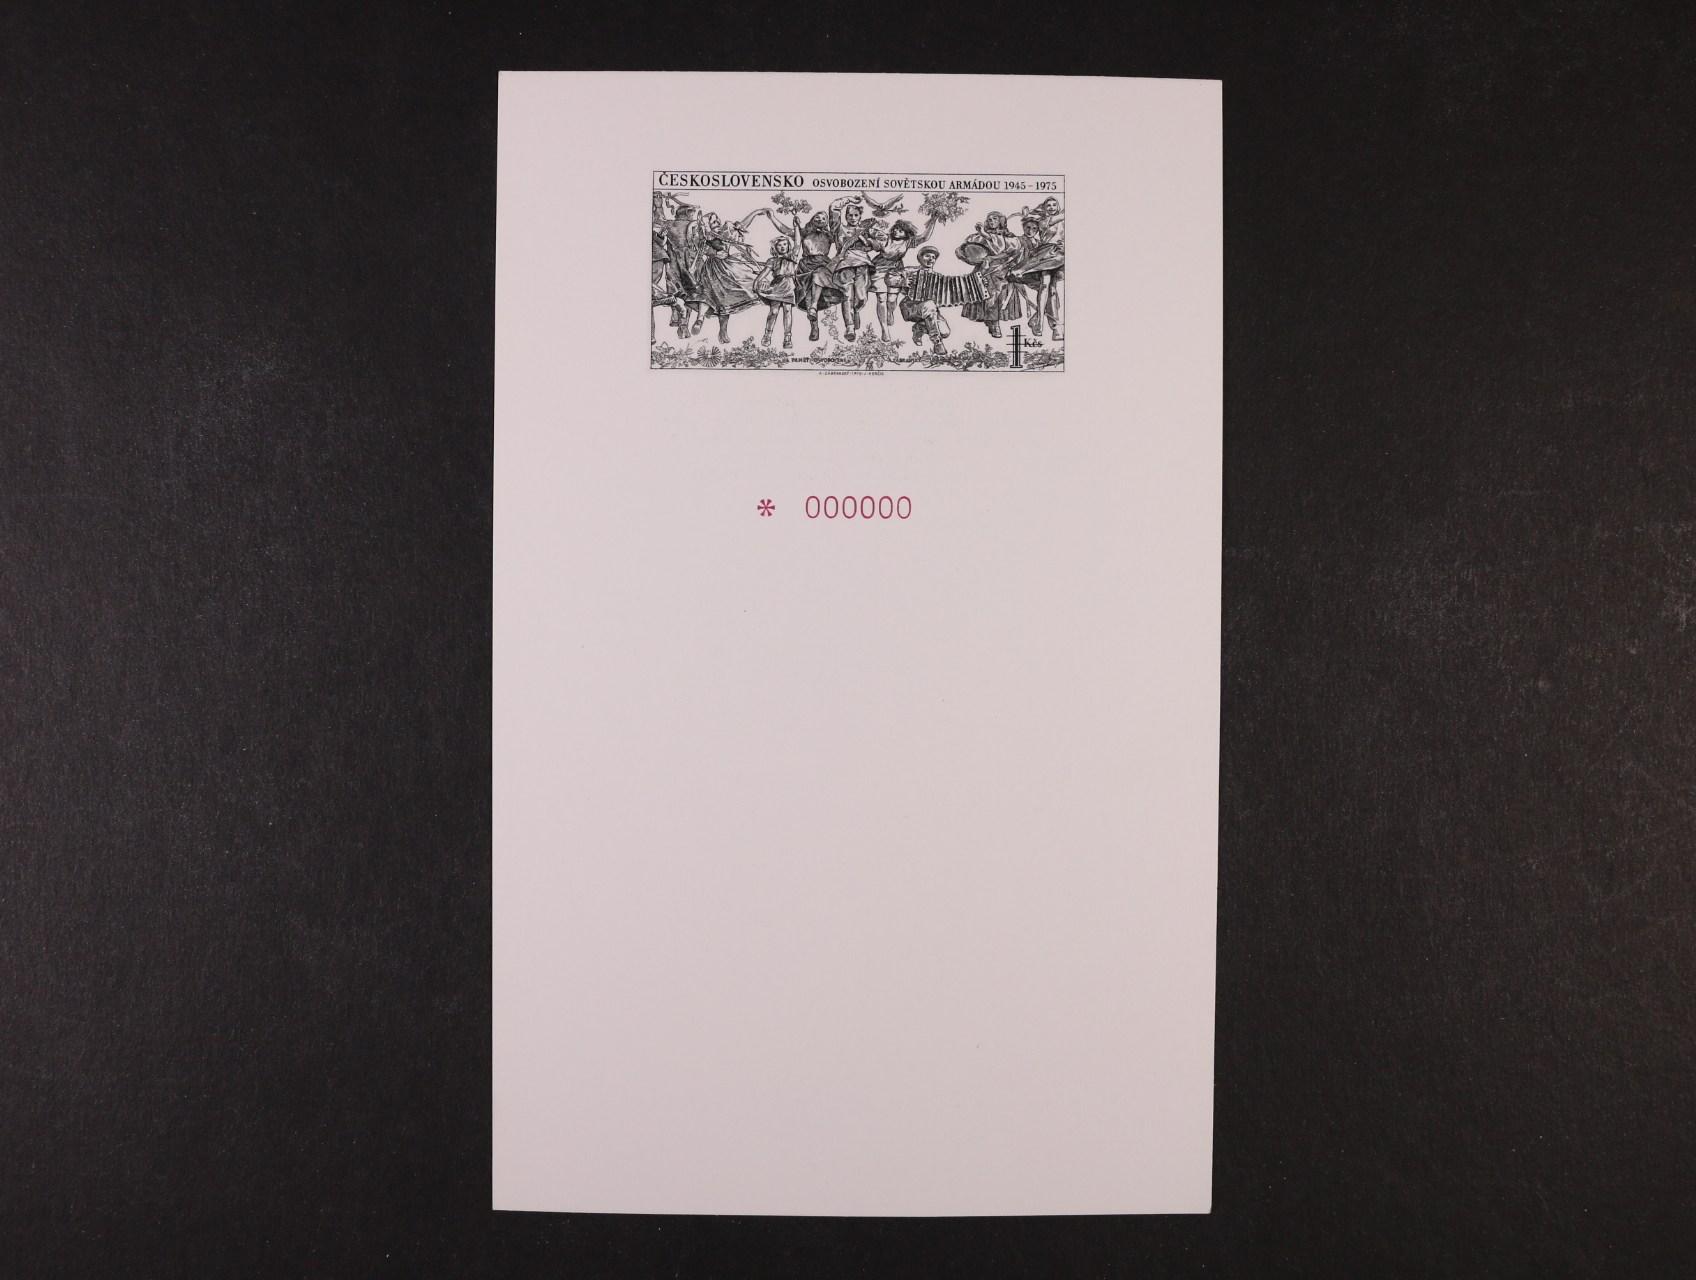 VT 6b anulát, kat. cena 3600 Kč